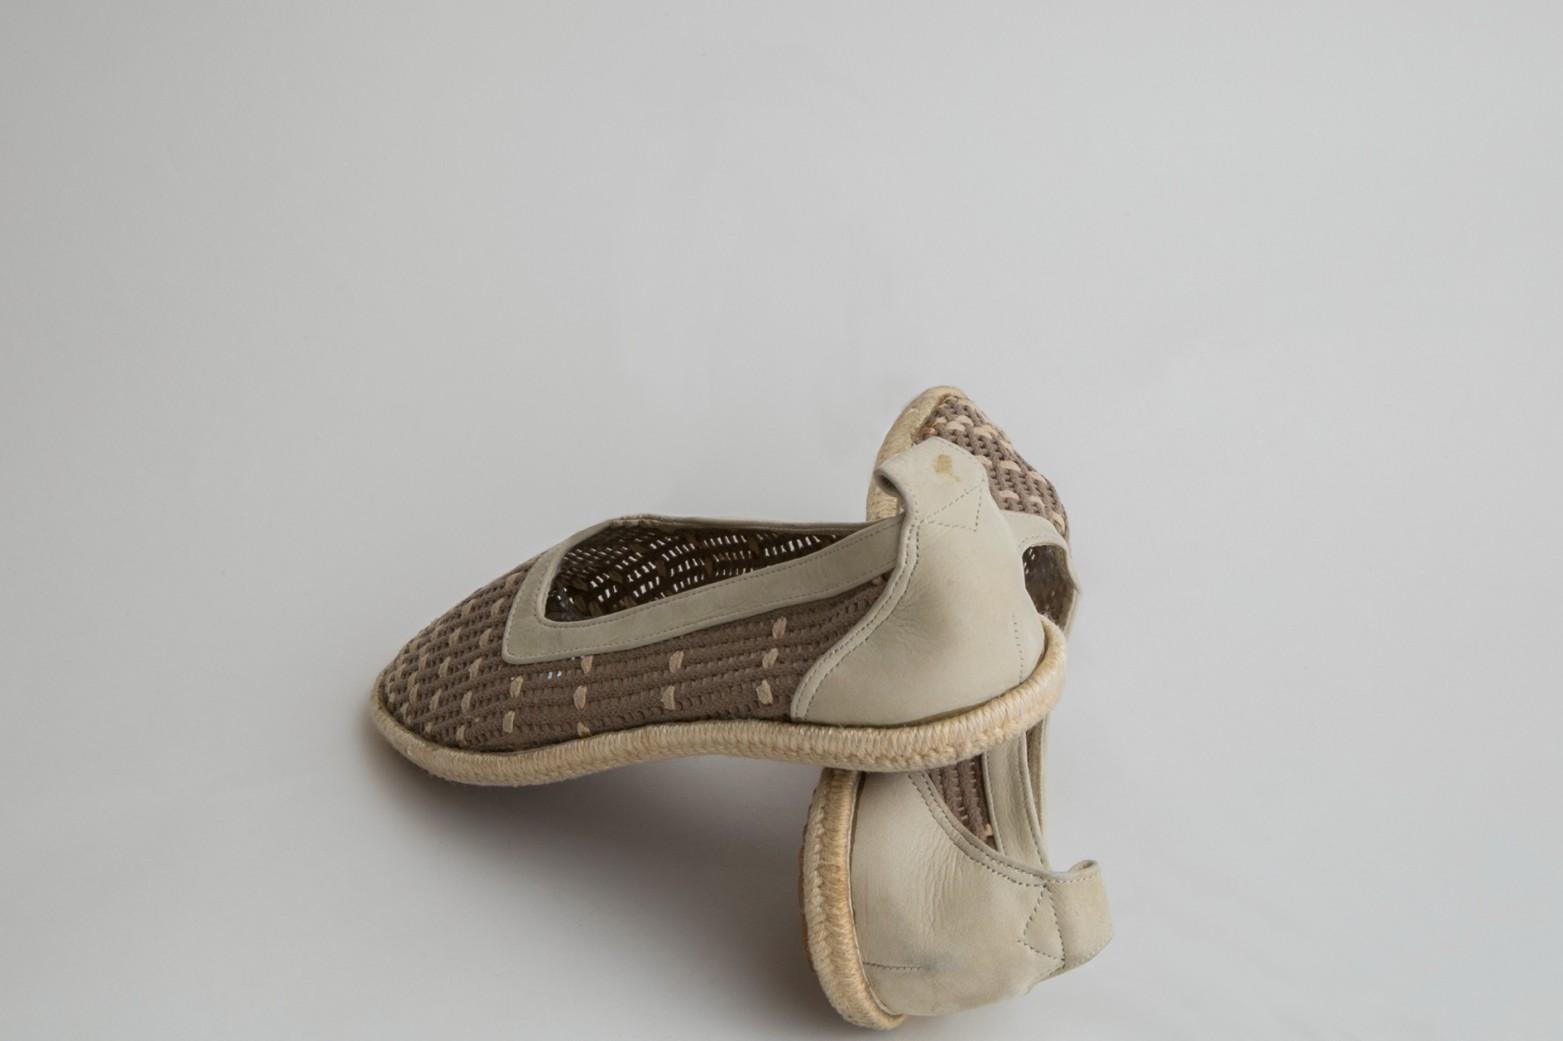 Vintage Matsuda Mesh Espadrilles